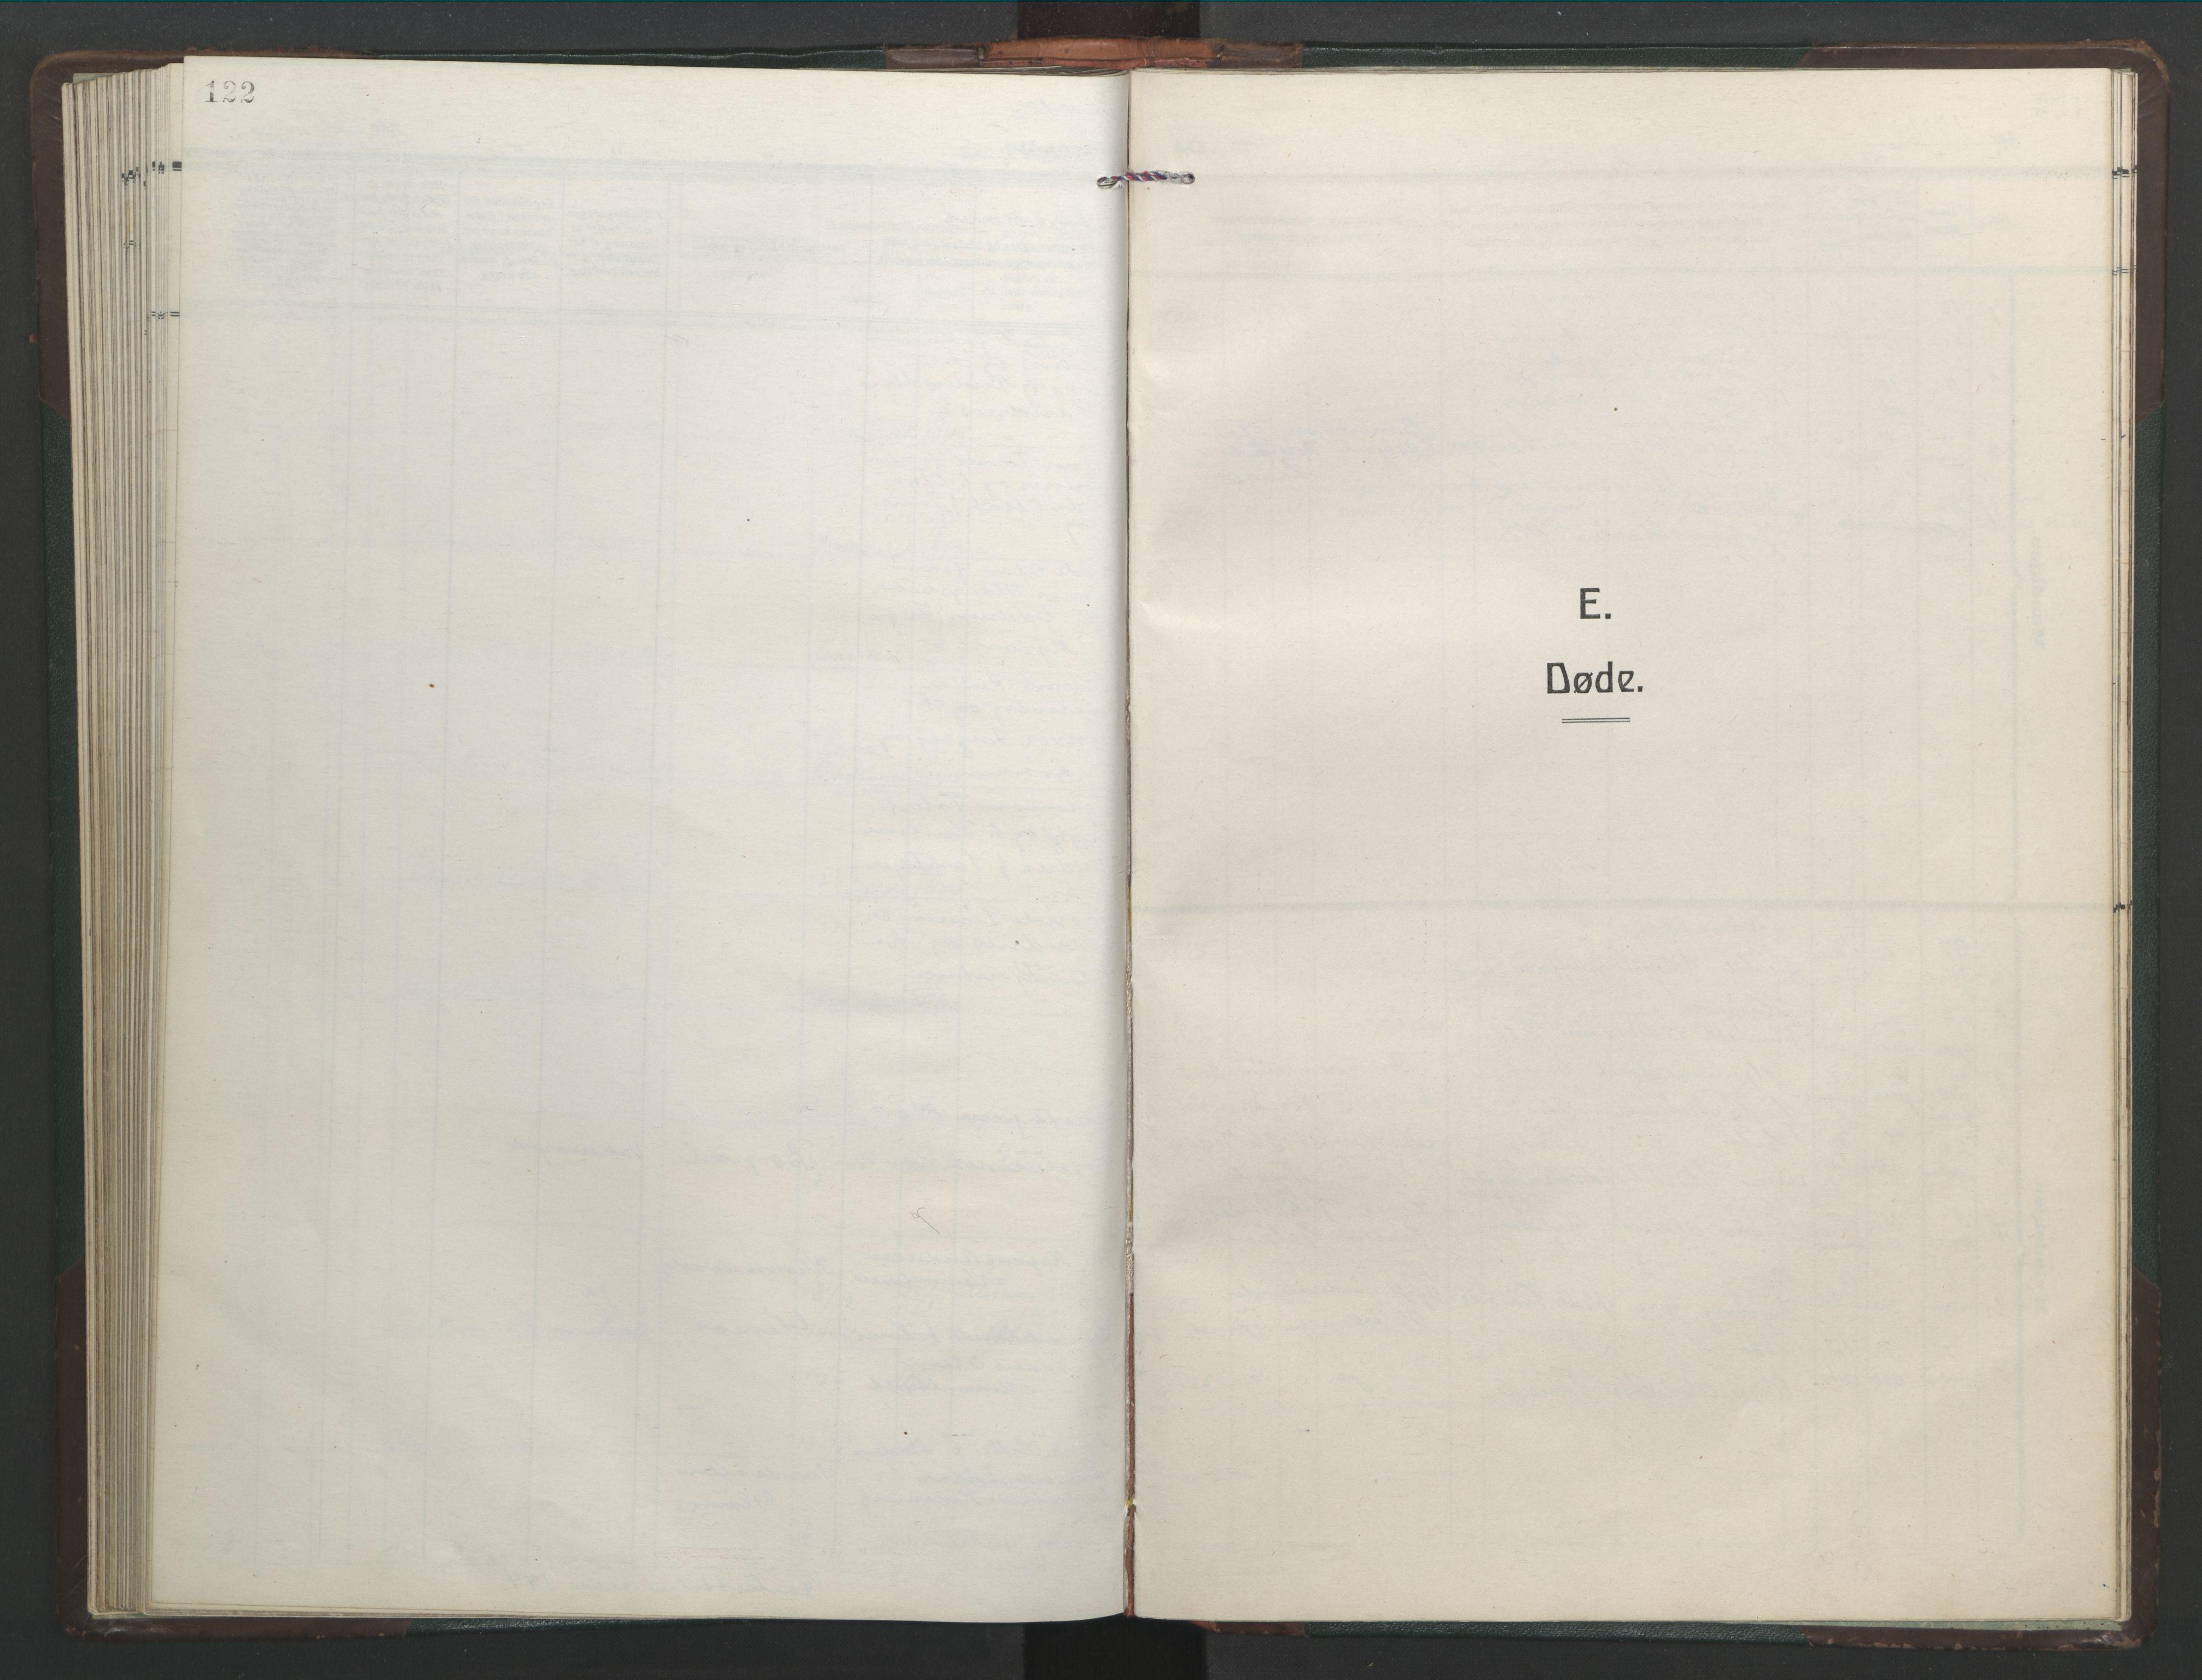 SAT, Ministerialprotokoller, klokkerbøker og fødselsregistre - Sør-Trøndelag, 682/L0947: Klokkerbok nr. 682C01, 1926-1968, s. 122